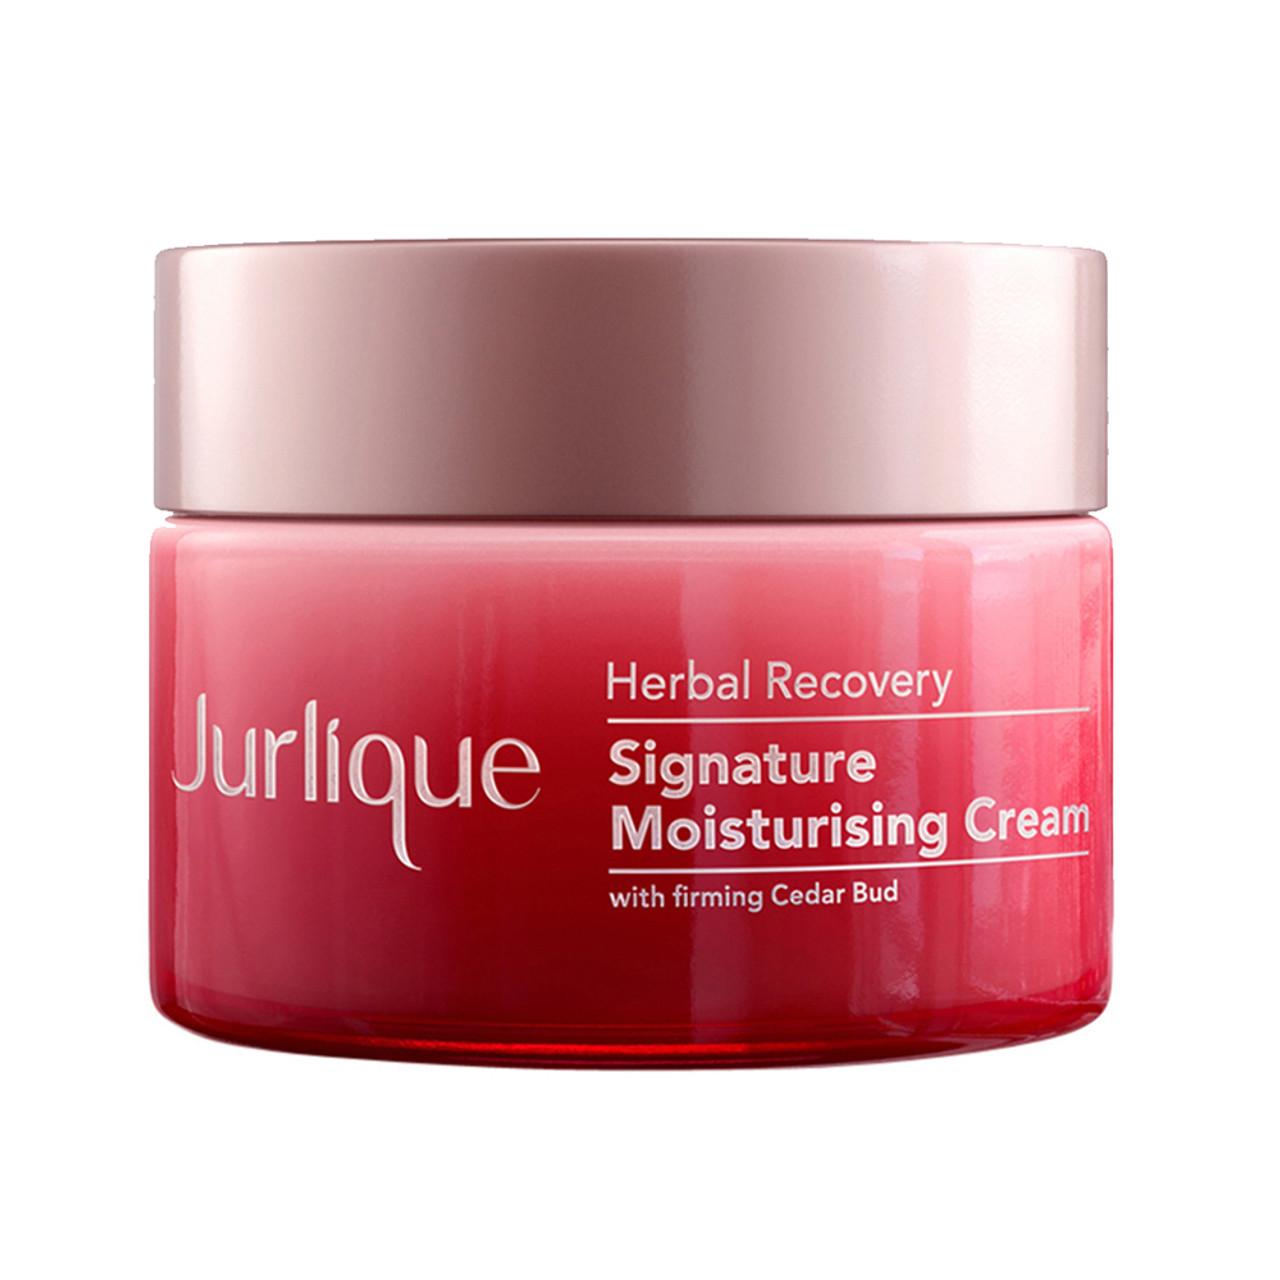 Jurlique Herbal Recovery Signature Moisturising Cream